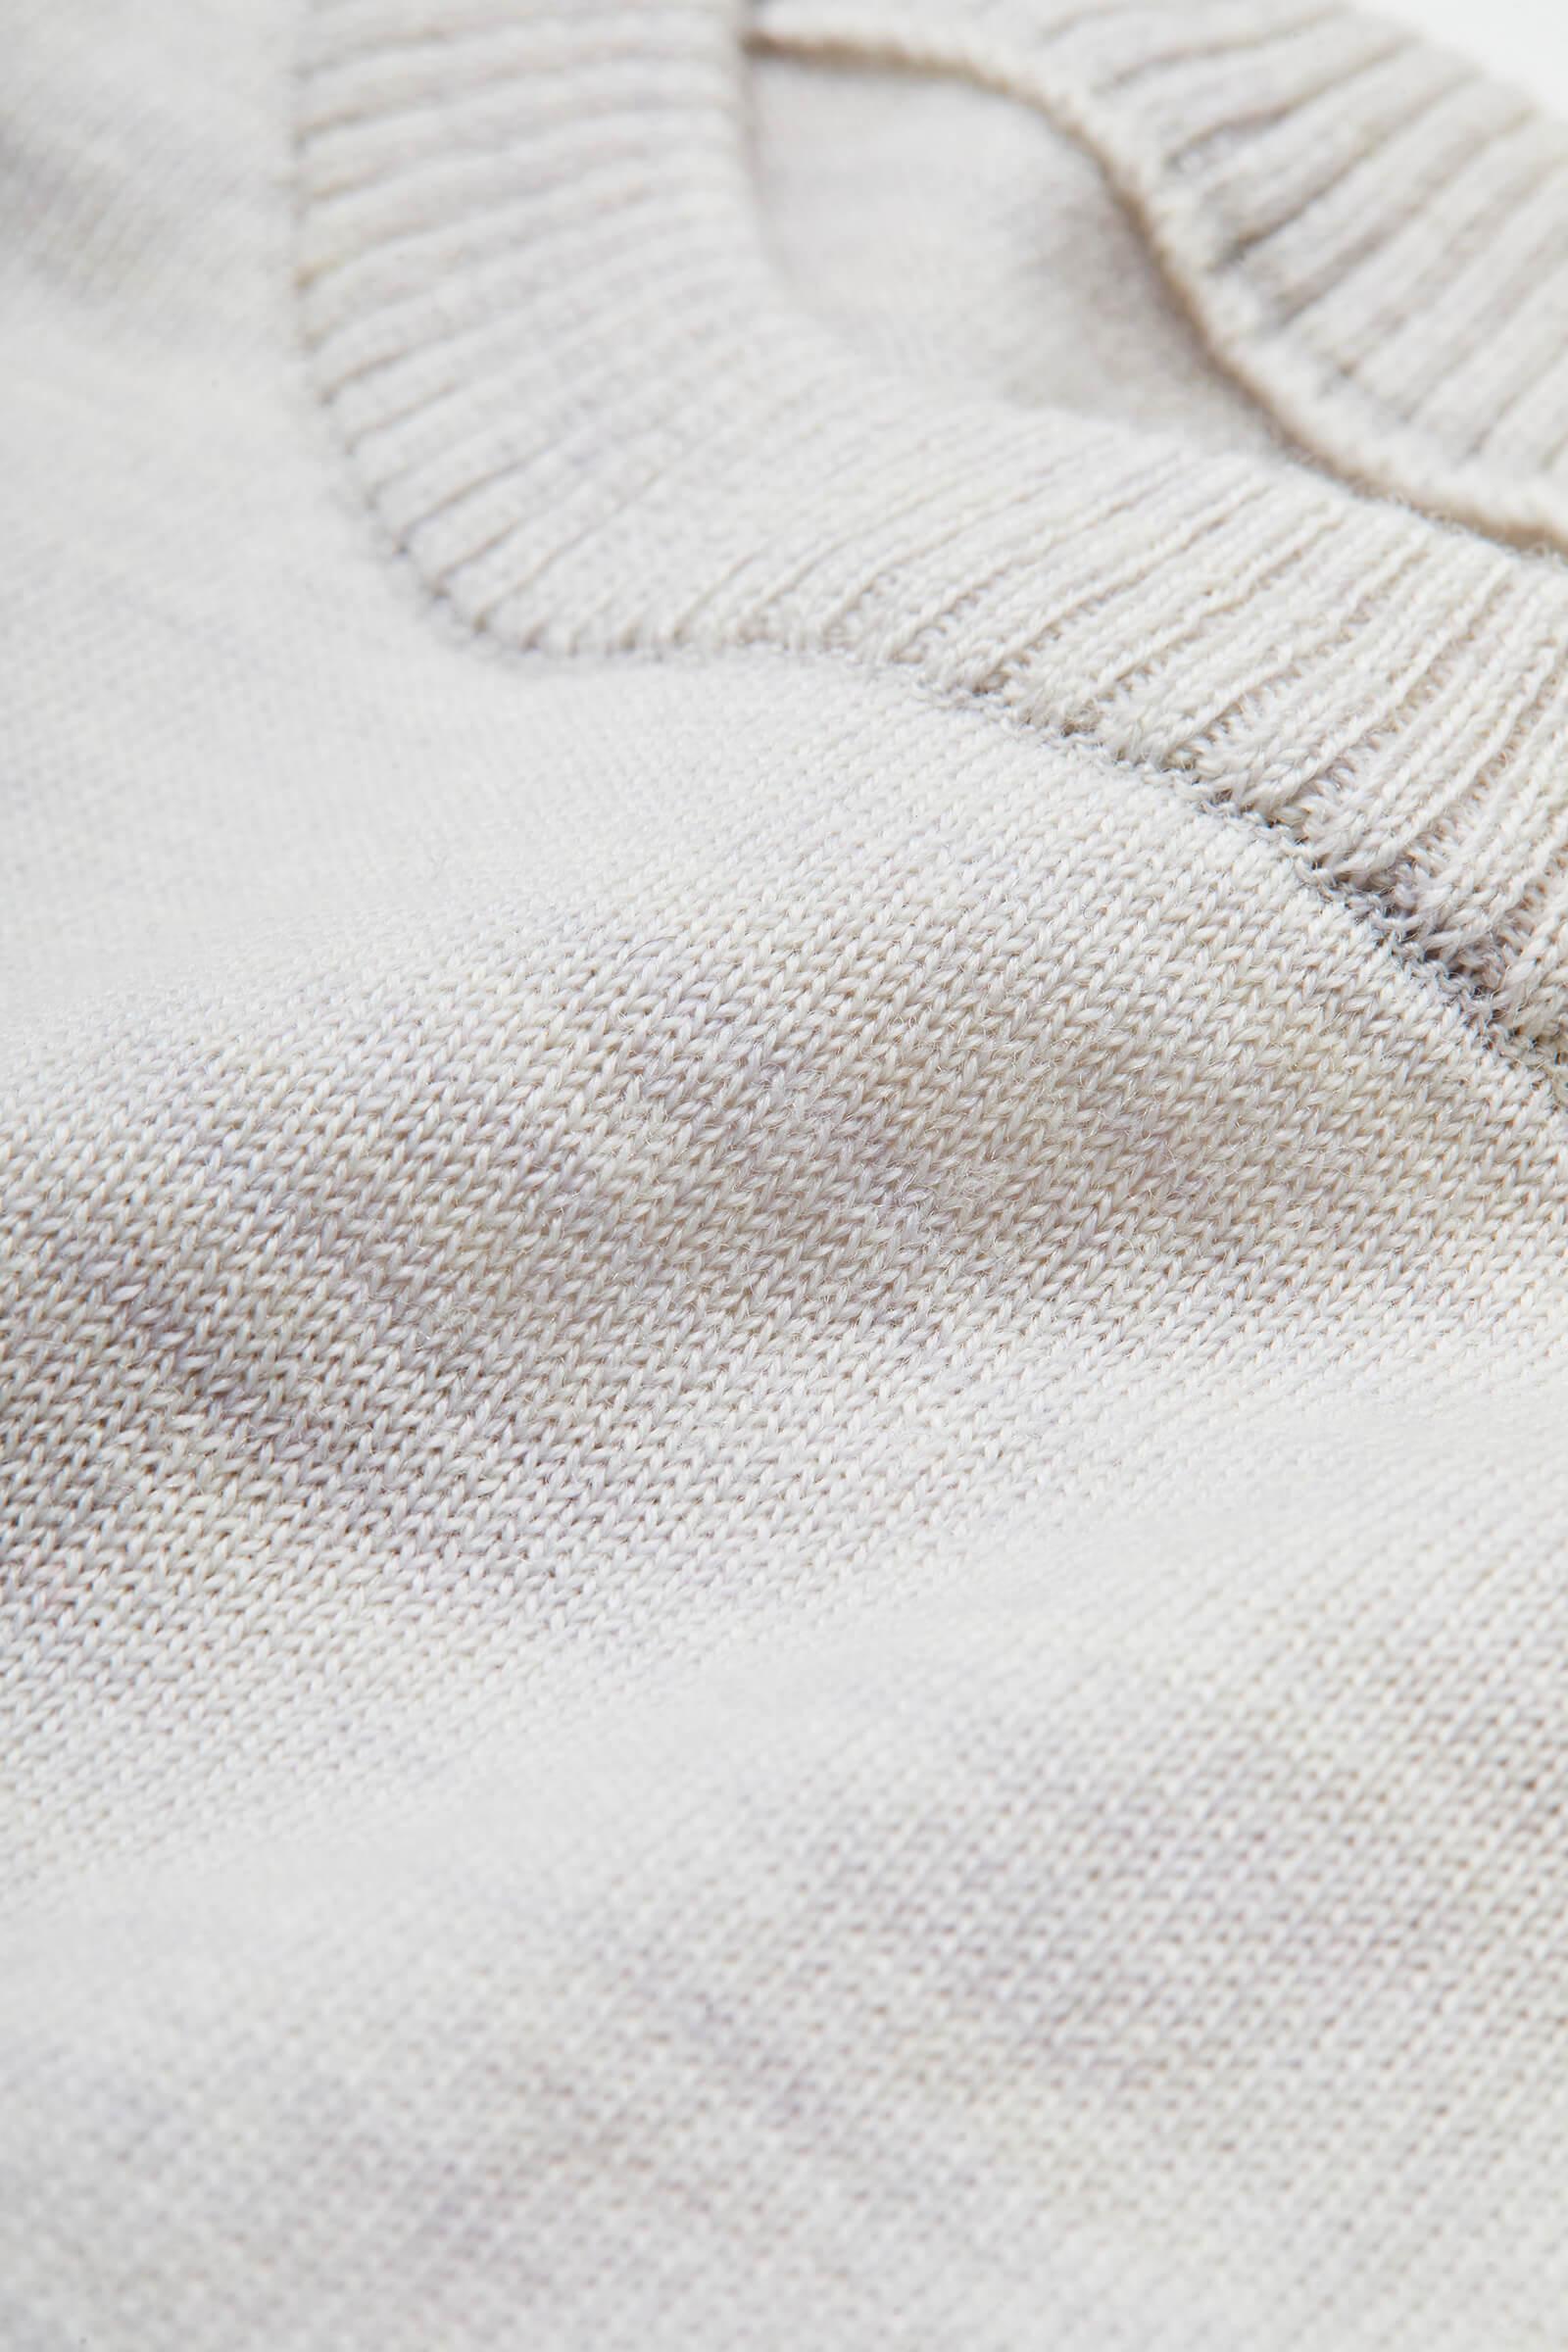 ウール100%糸を、12ゲージの天竺編みにした生地を使用